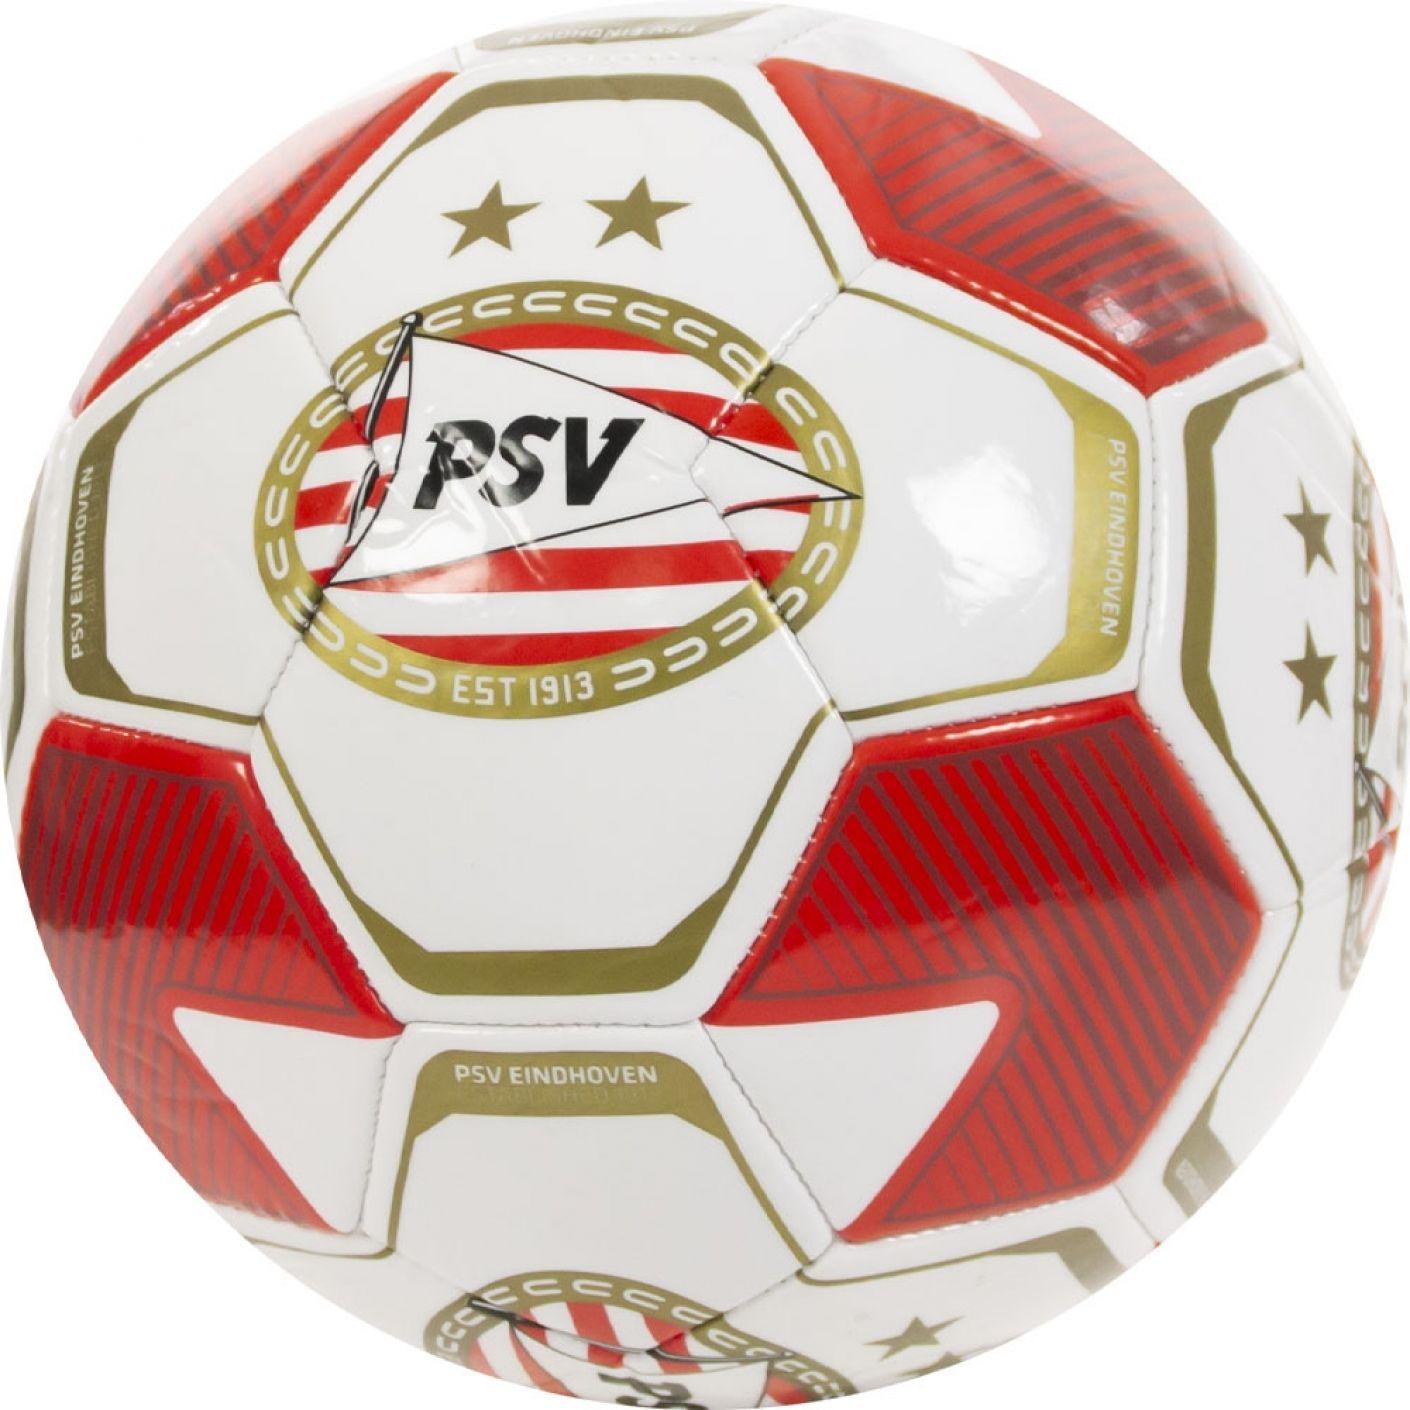 PSV bal logo's groot